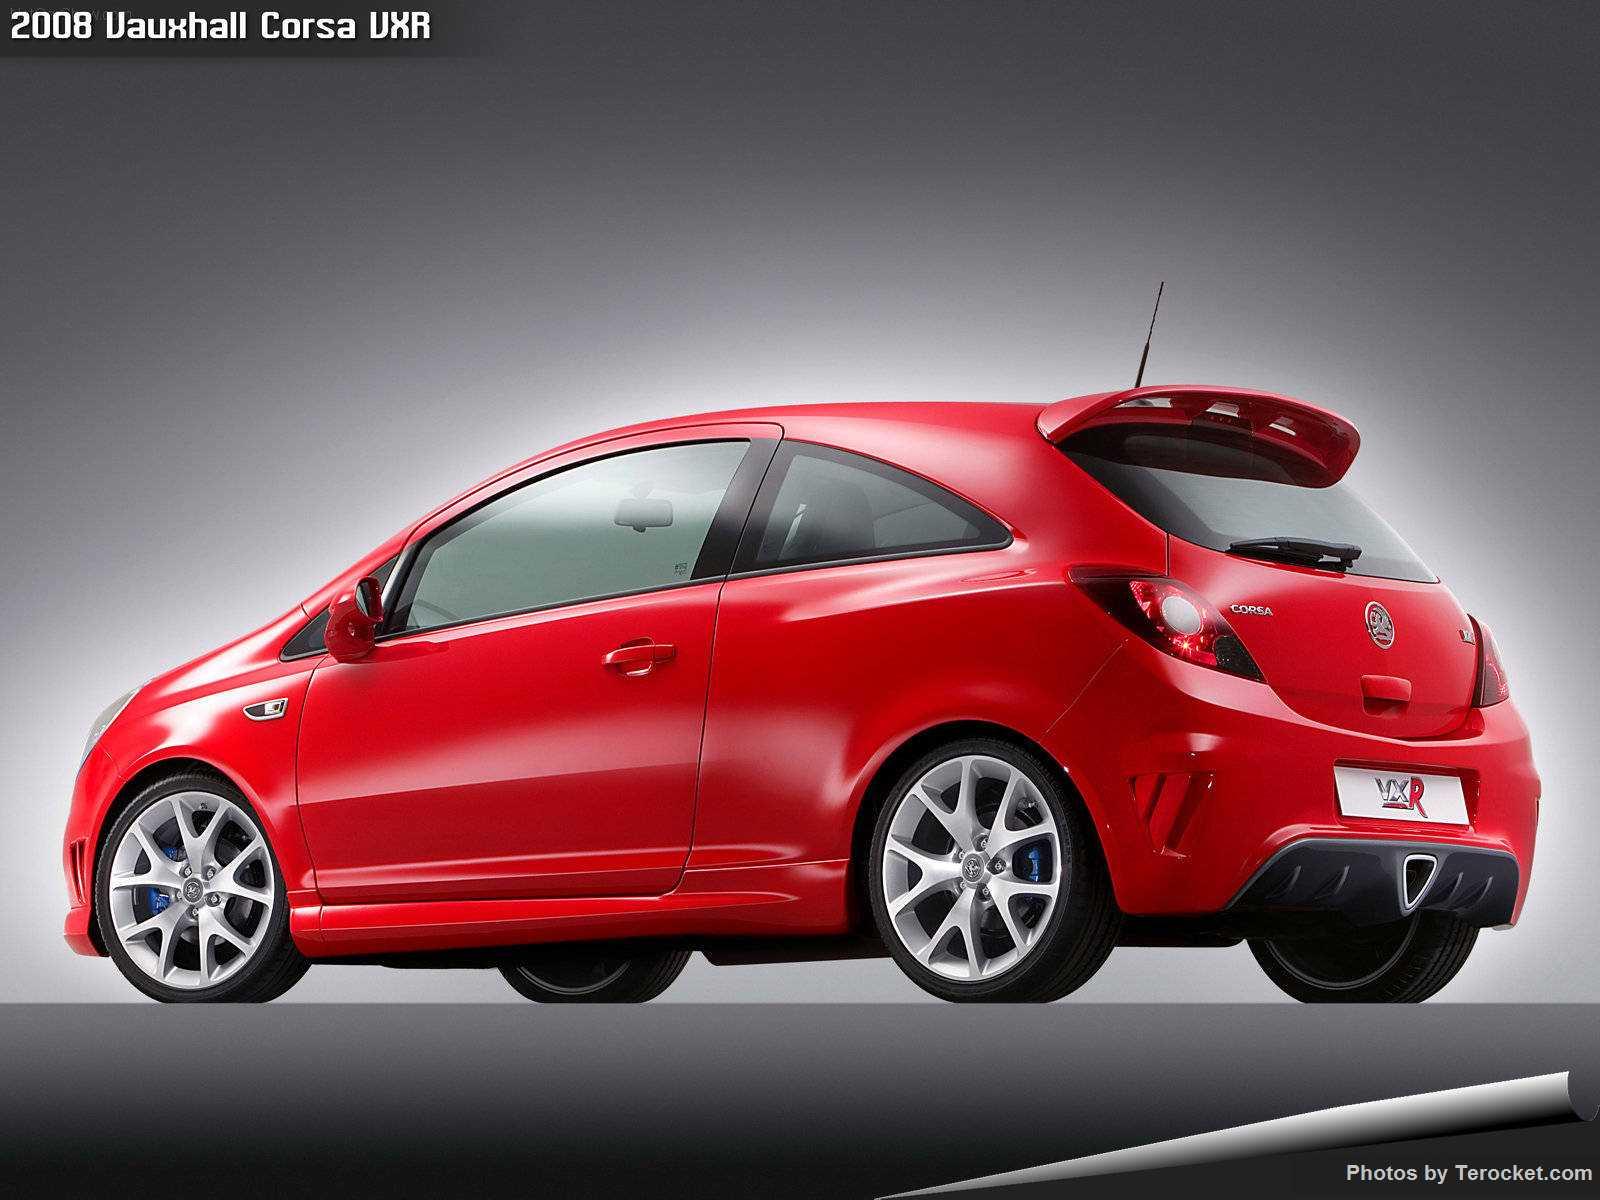 Hình ảnh xe ô tô Vauxhall Corsa VXR 2008 & nội ngoại thất